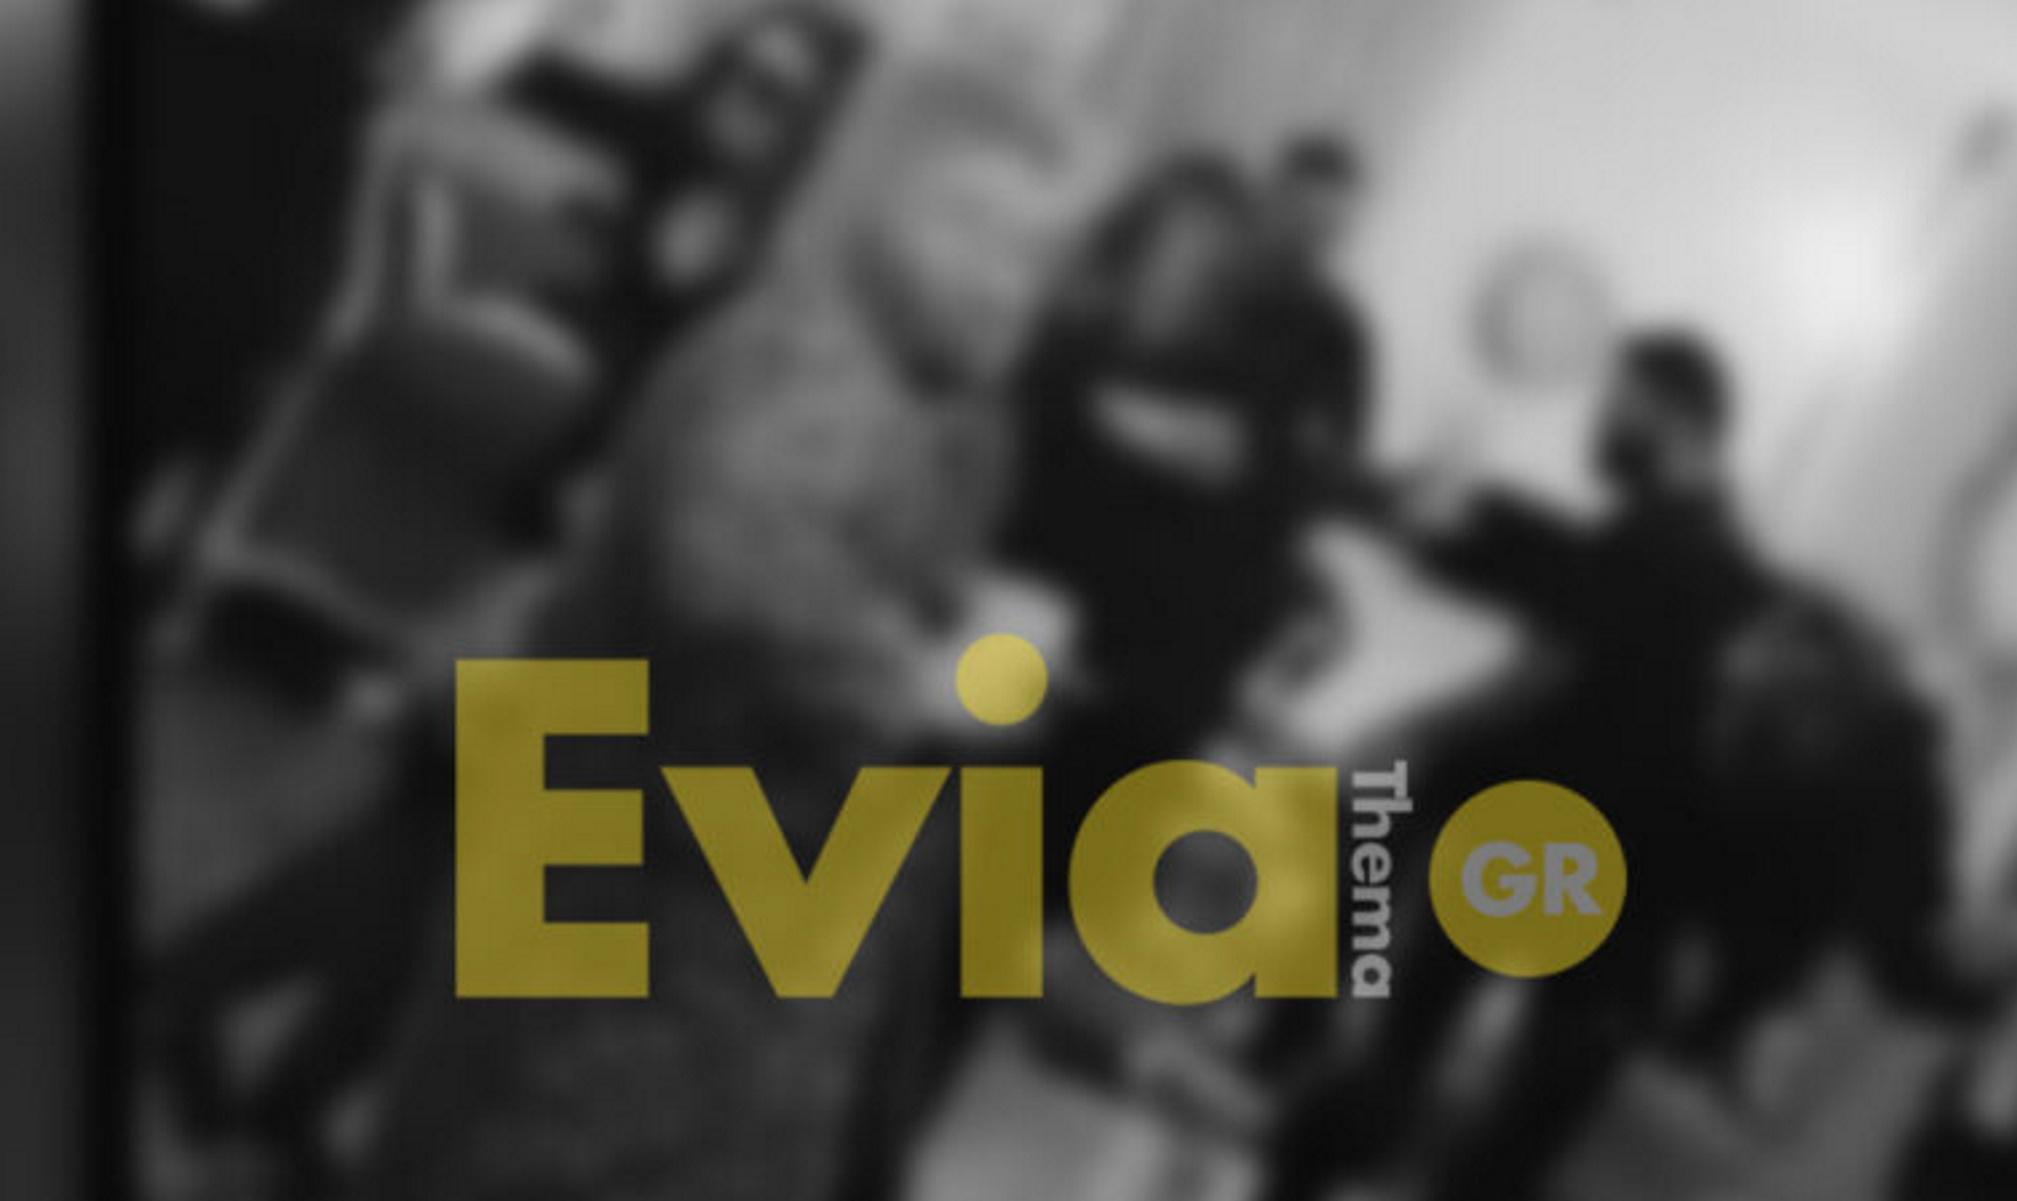 Χαμός στην Εύβοια: Κορονοπάρτι, γαμήλιο γλέντι και μπαρ σέρβιρε πελάτες